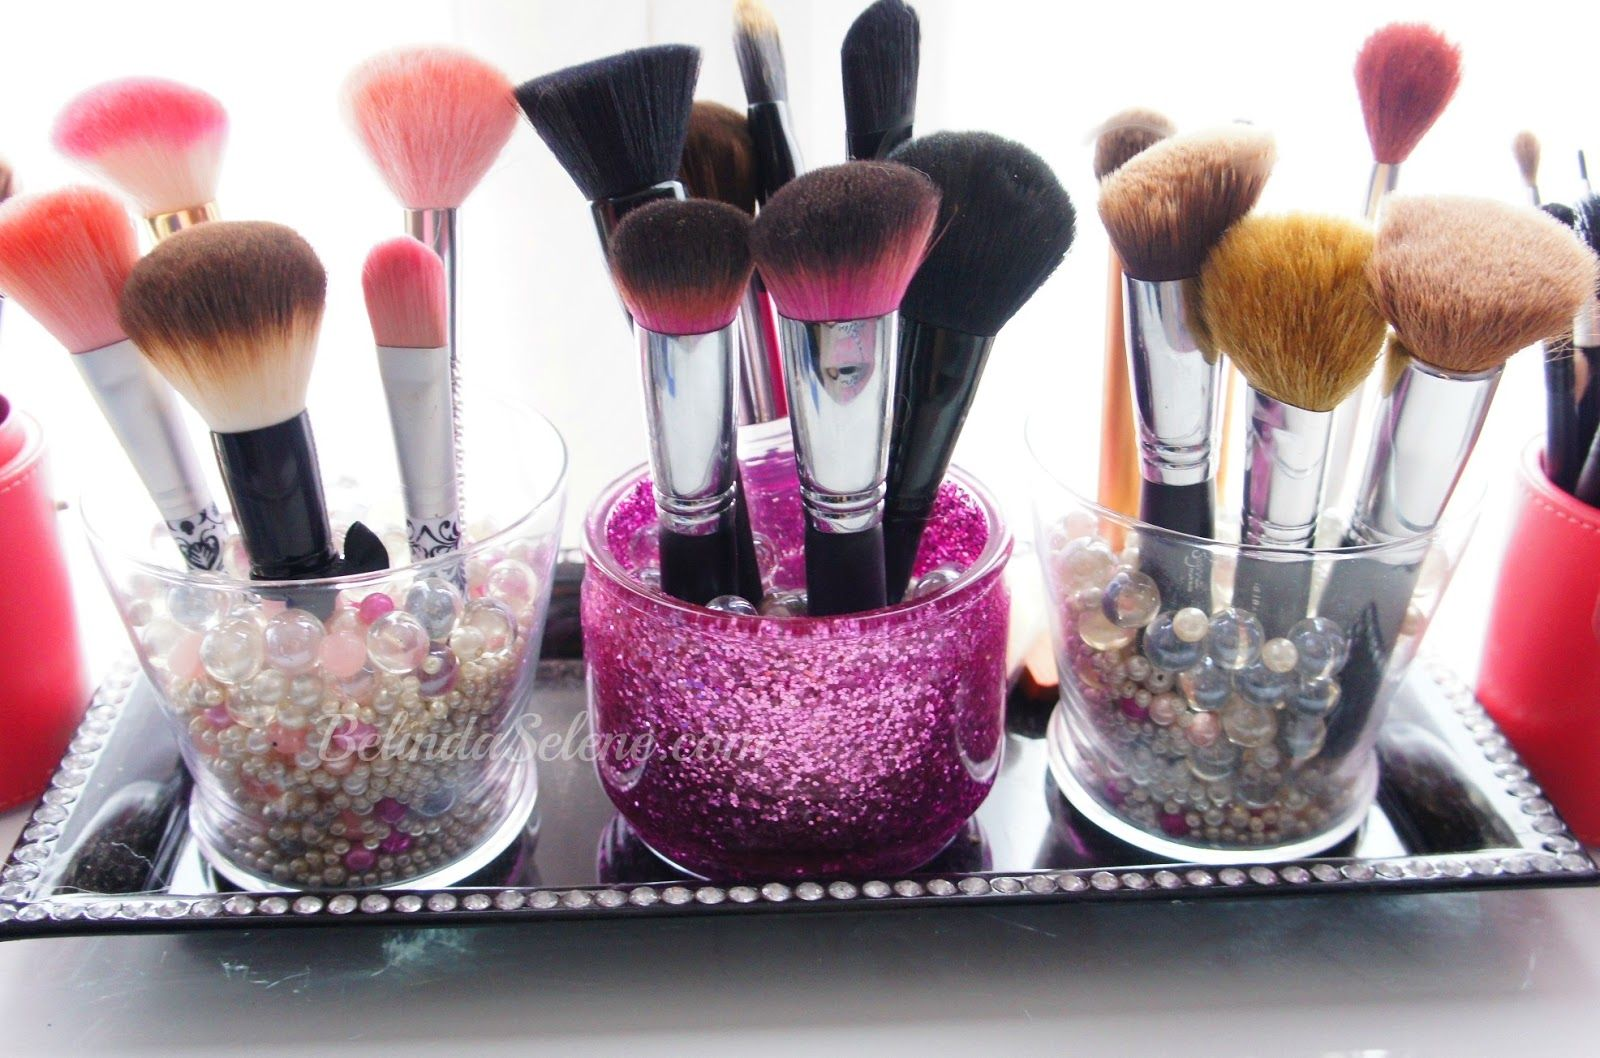 Makeup brush storage. super cute. Diy makeup brush